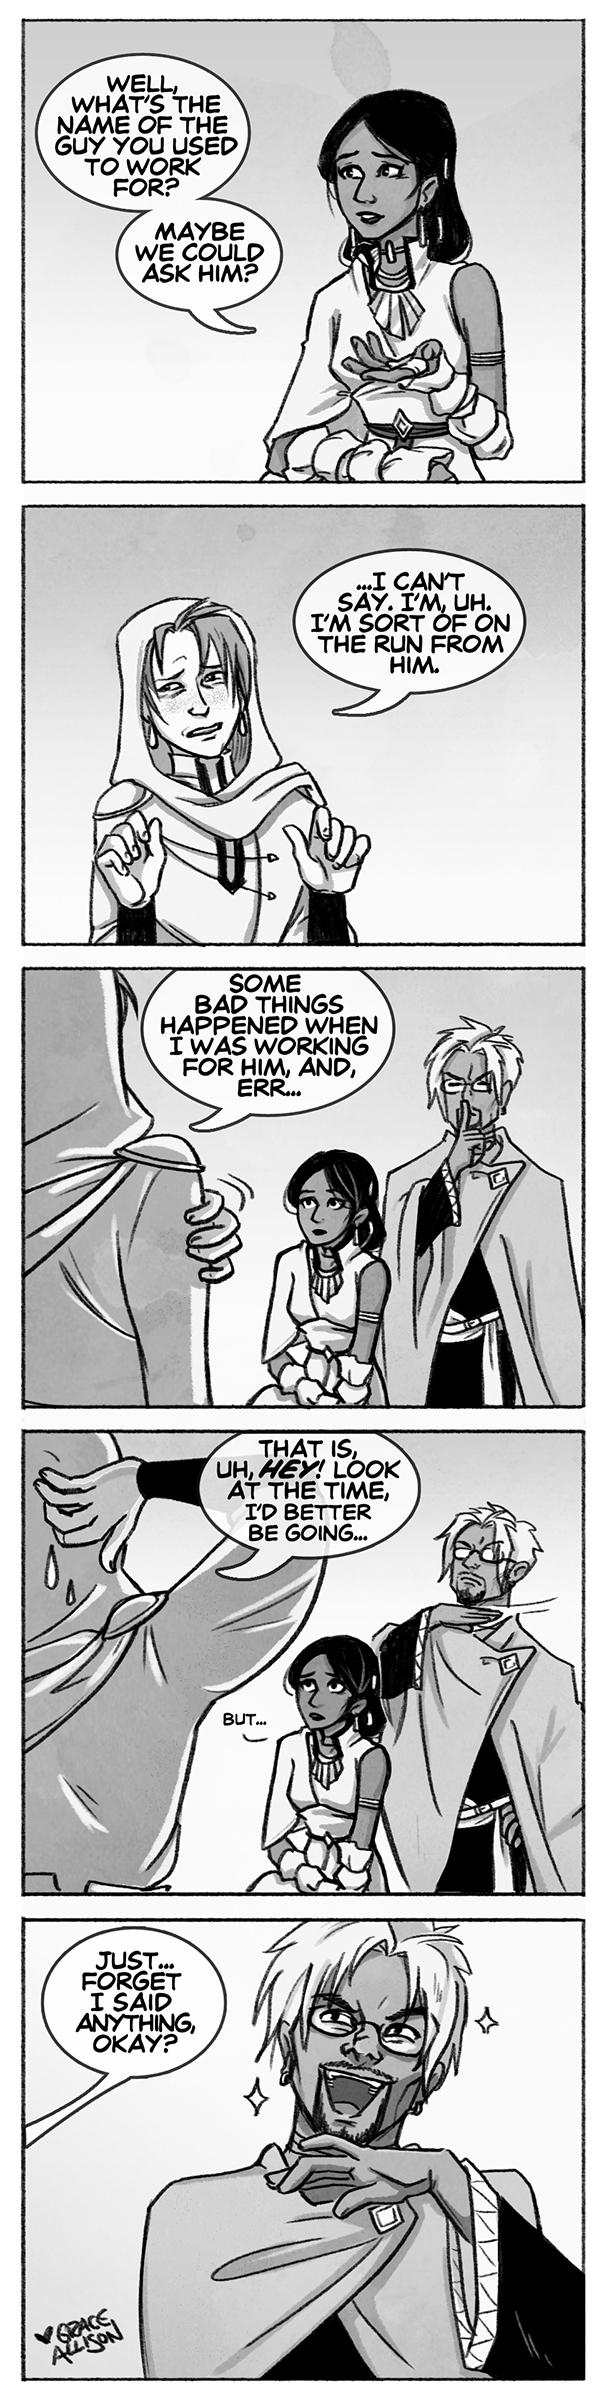 Guest Comic by Grace Allison